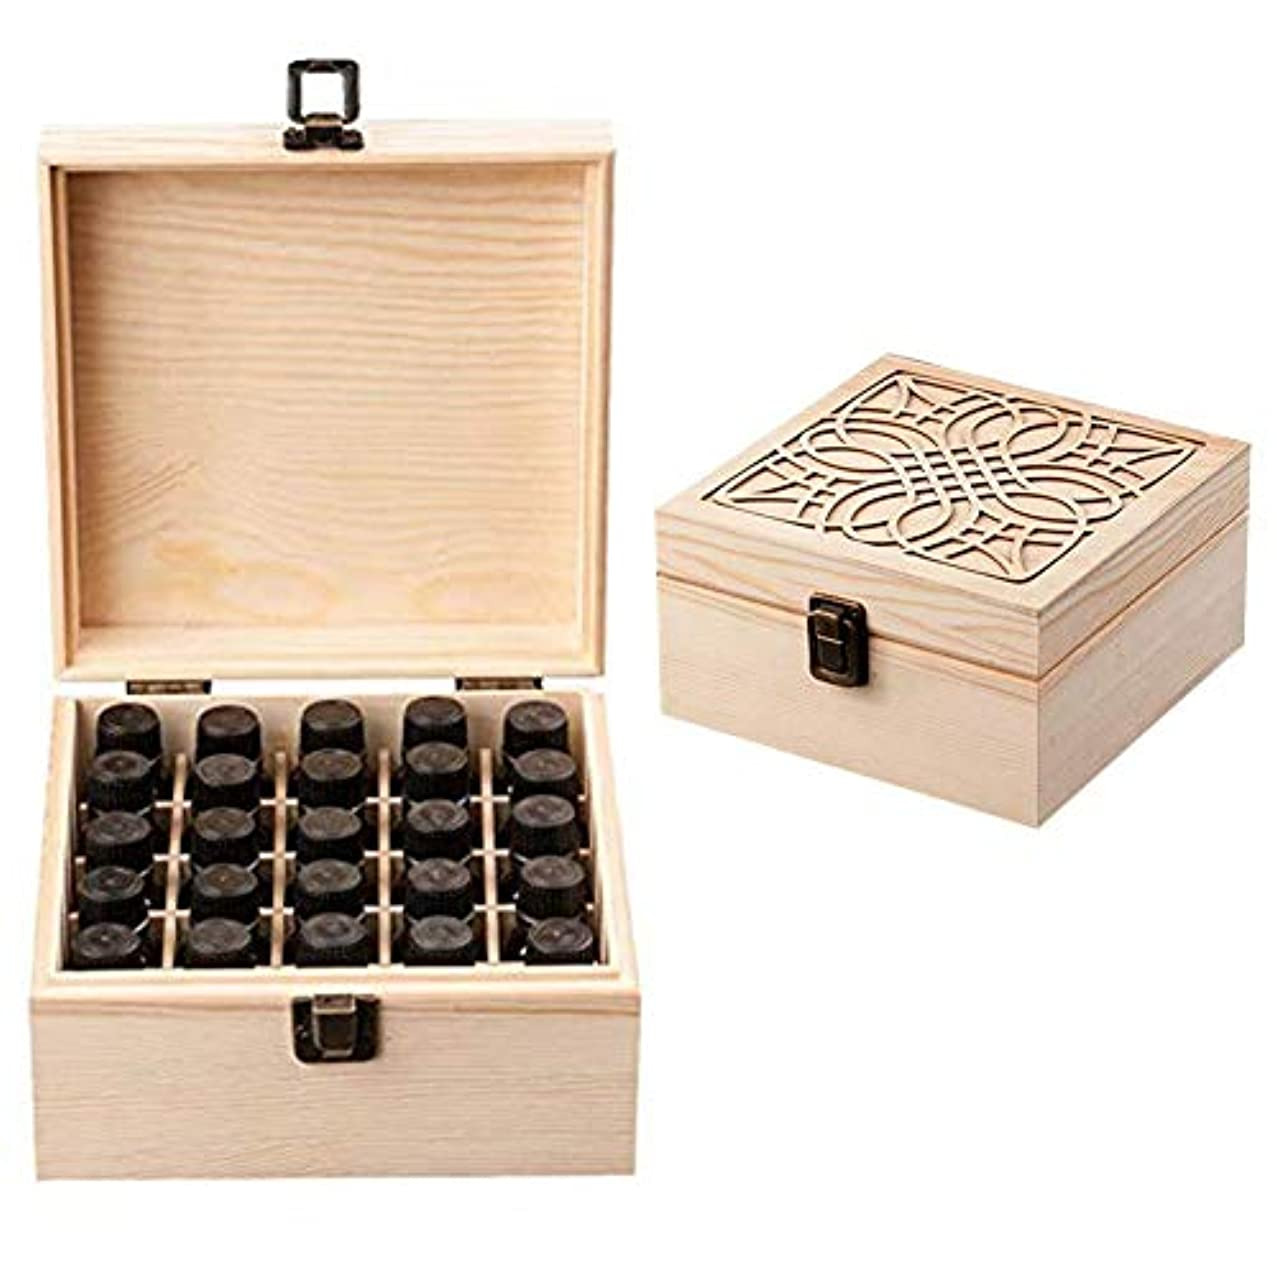 増加する自発的冷凍庫エッセンシャルオイル収納ボックス 大容量 和風 レトロ 木製 精油収納 携帯便利 オイルボックス 飾り物 25本用